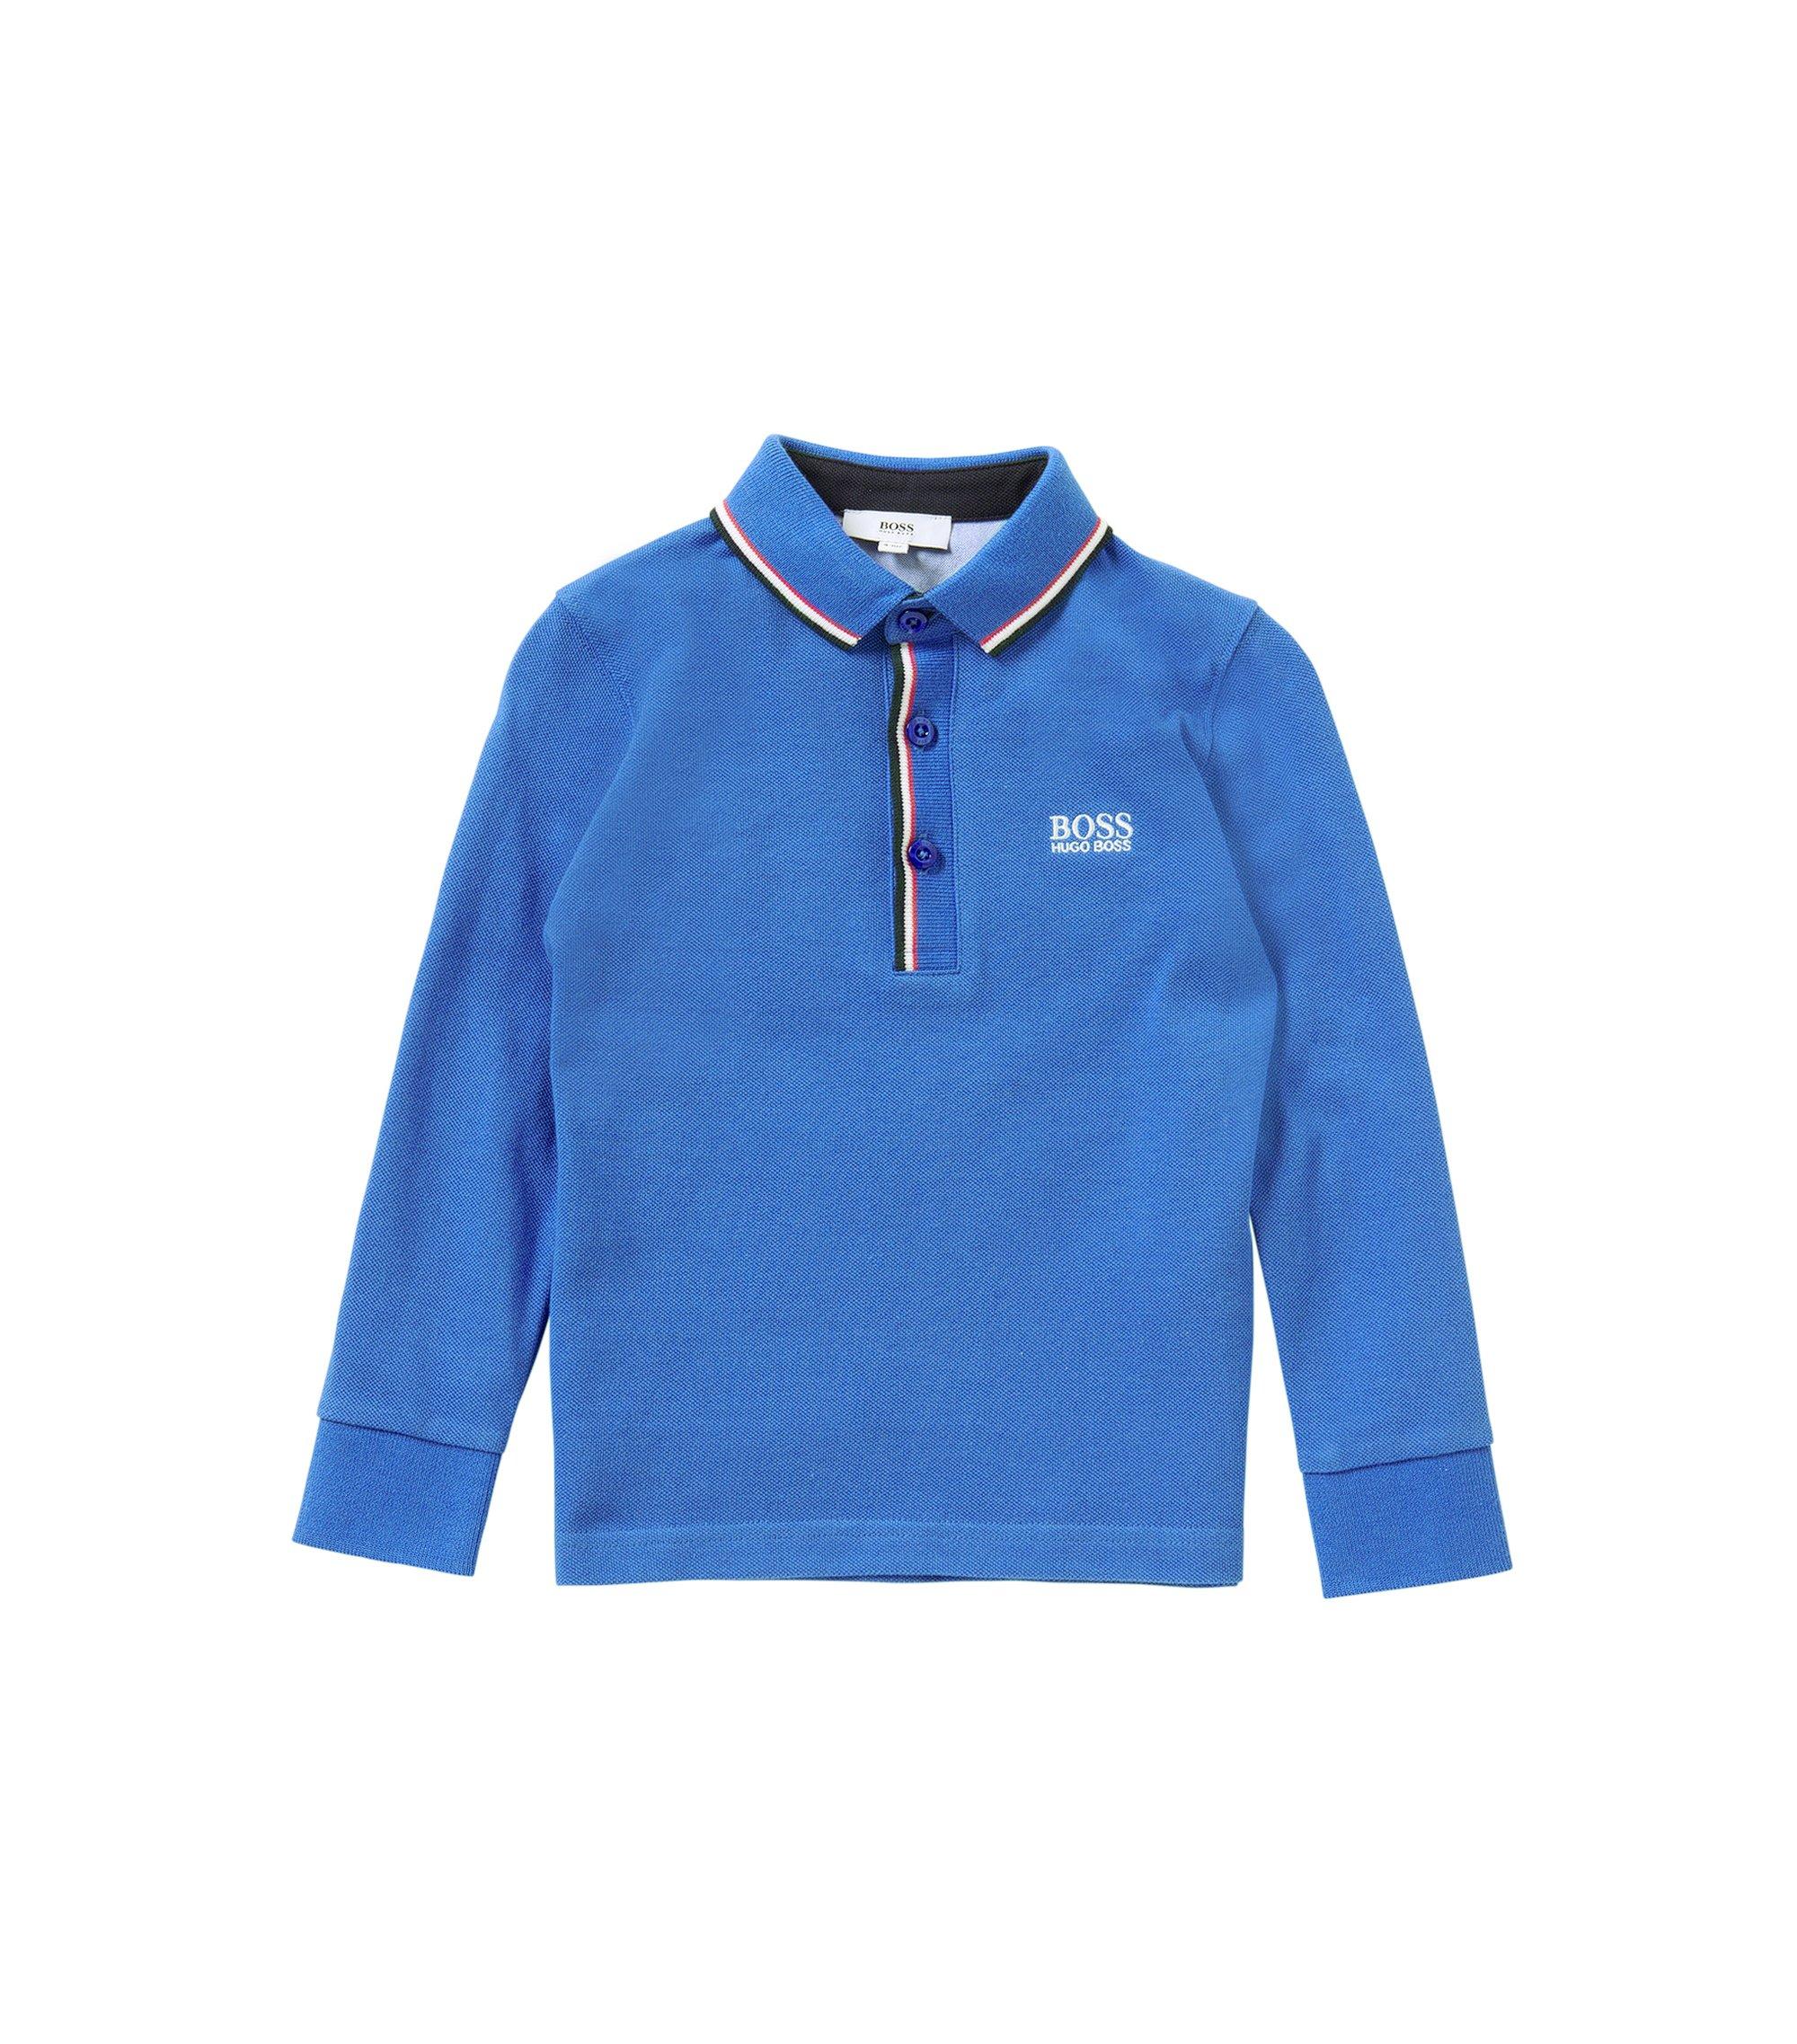 Unifarbenes Kids-Longsleeve-Poloshirt aus Baumwolle: 'J25925', Blau